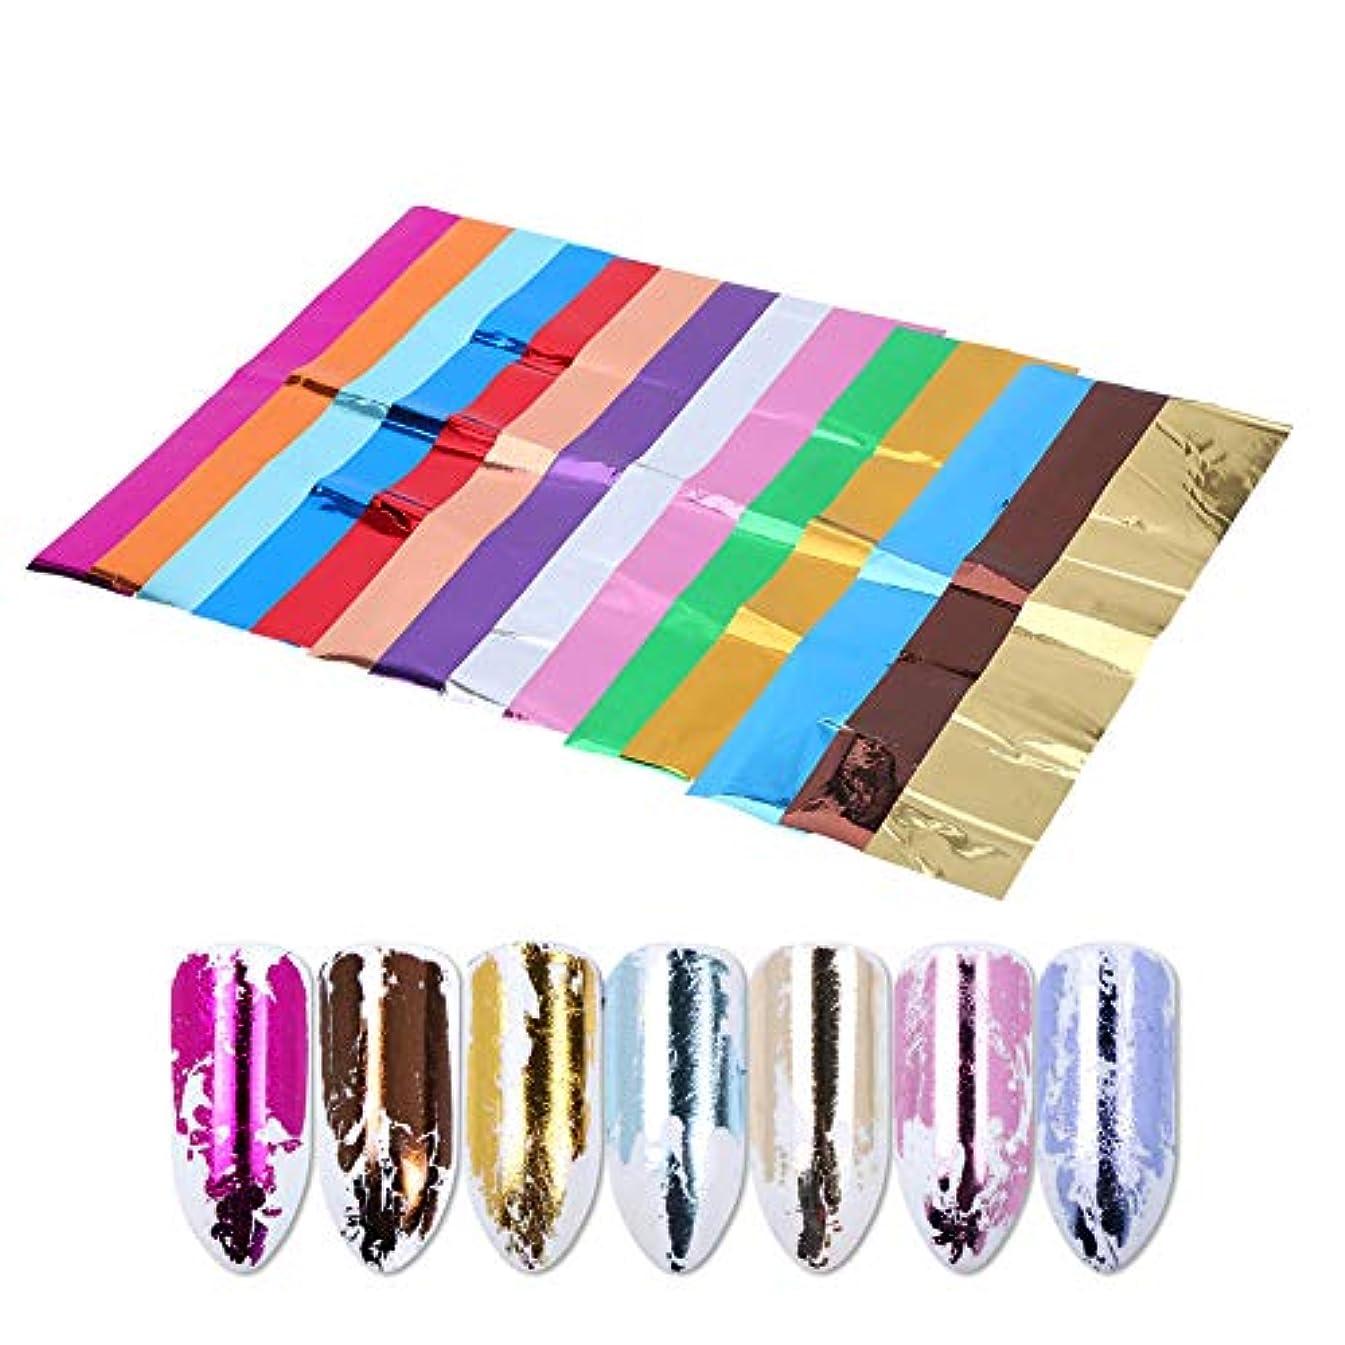 ミンチ後方歌ソリッドカラーのネイルアップリケ、偽ネイル用の光沢のある装飾的なステッカーの14個/セット